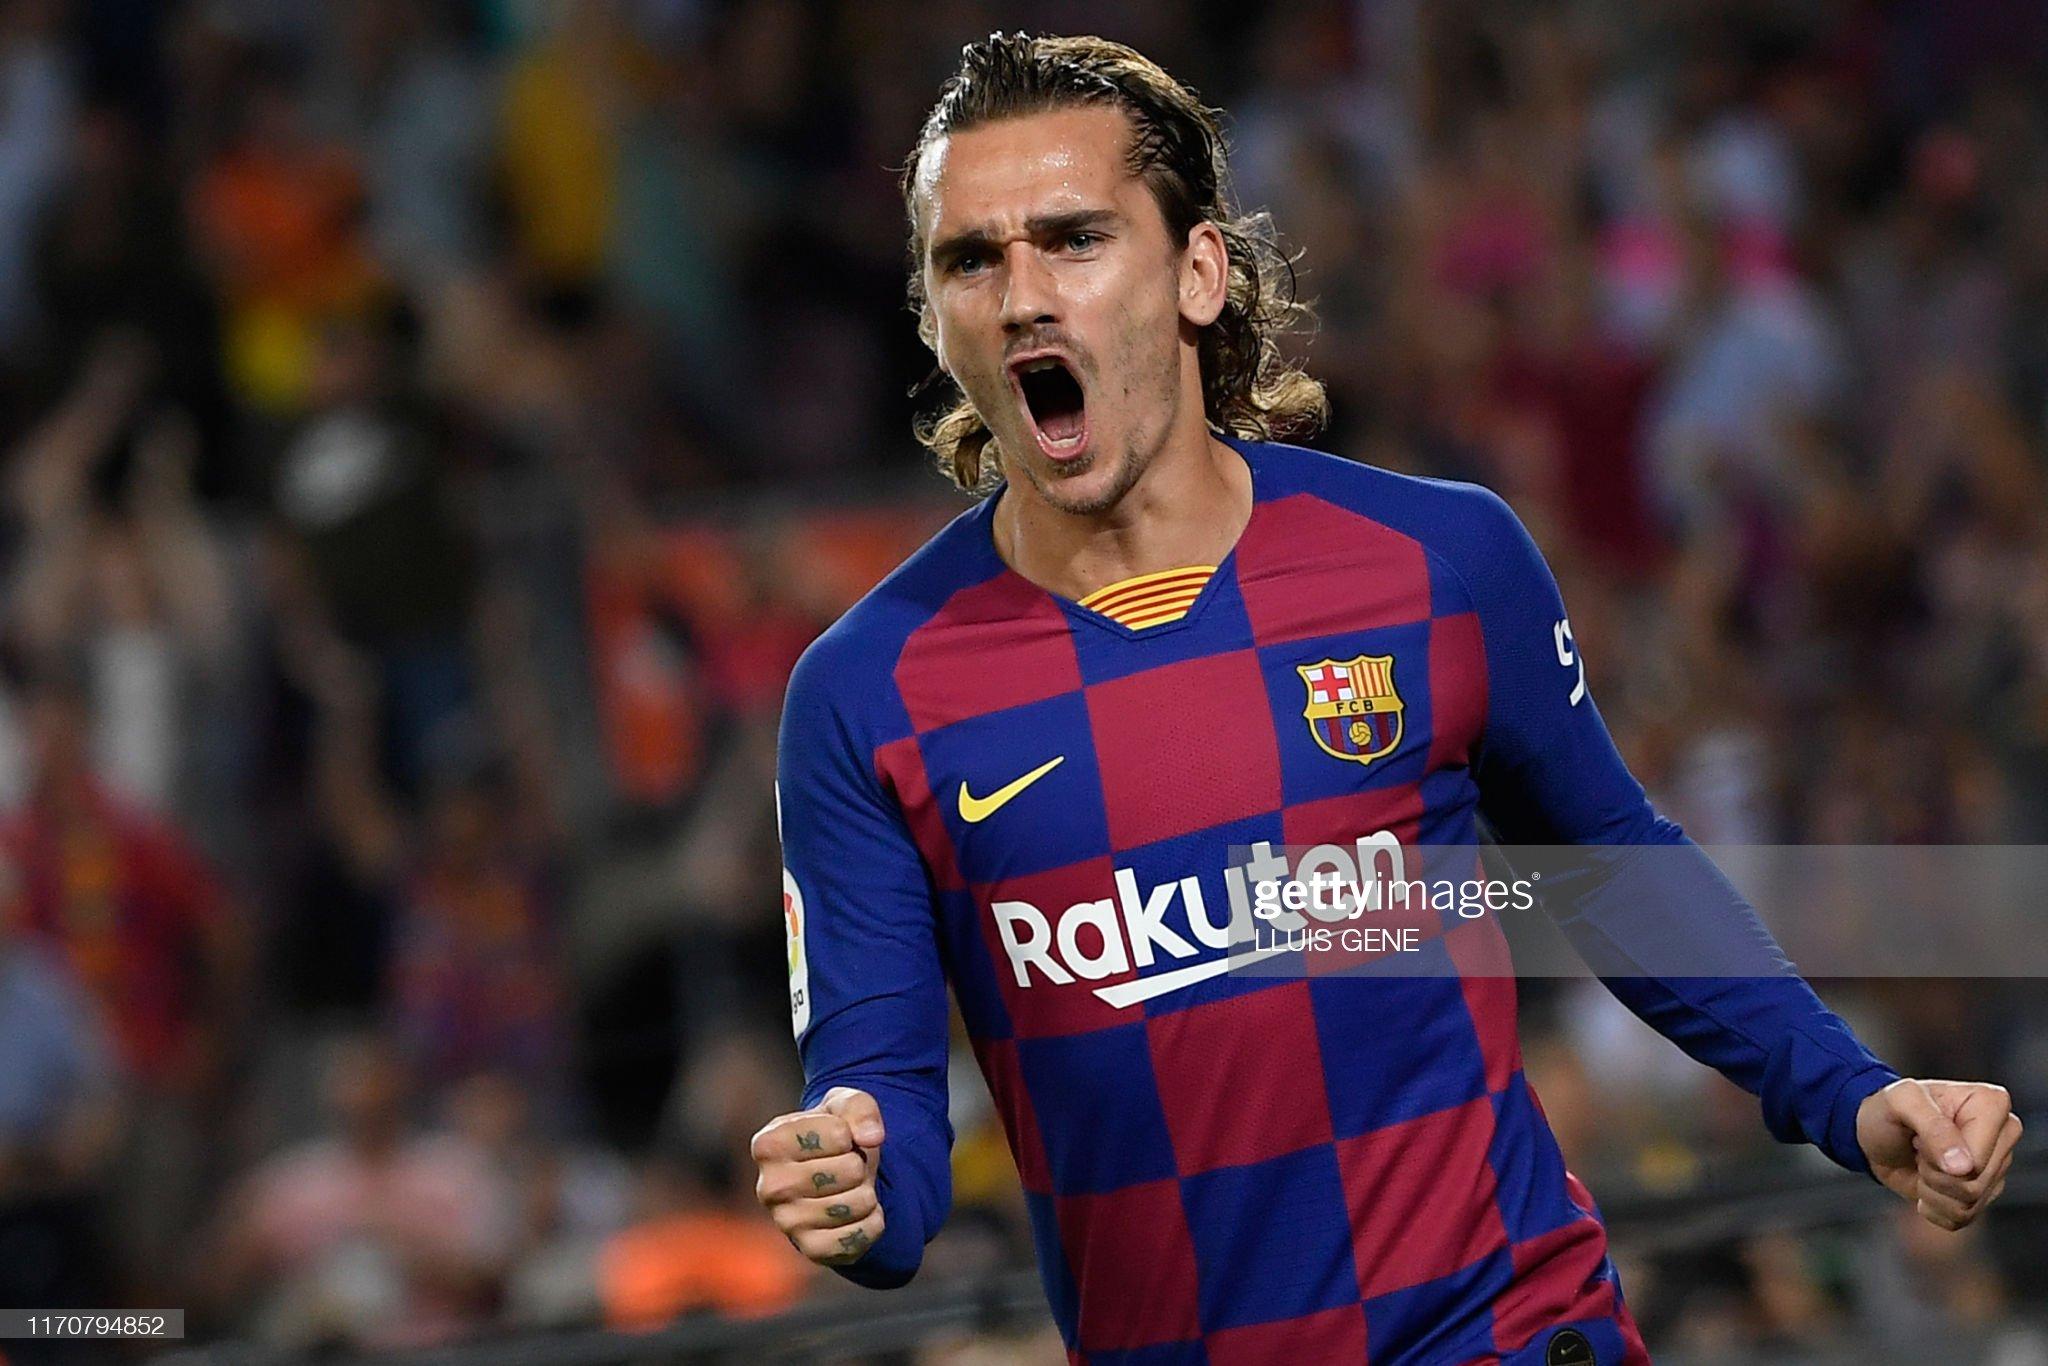 صور مباراة : برشلونة - فياريال 2-1 ( 24-09-2019 )  Barcelonas-french-forward-antoine-griezmann-celebrates-after-scoring-picture-id1170794852?s=2048x2048